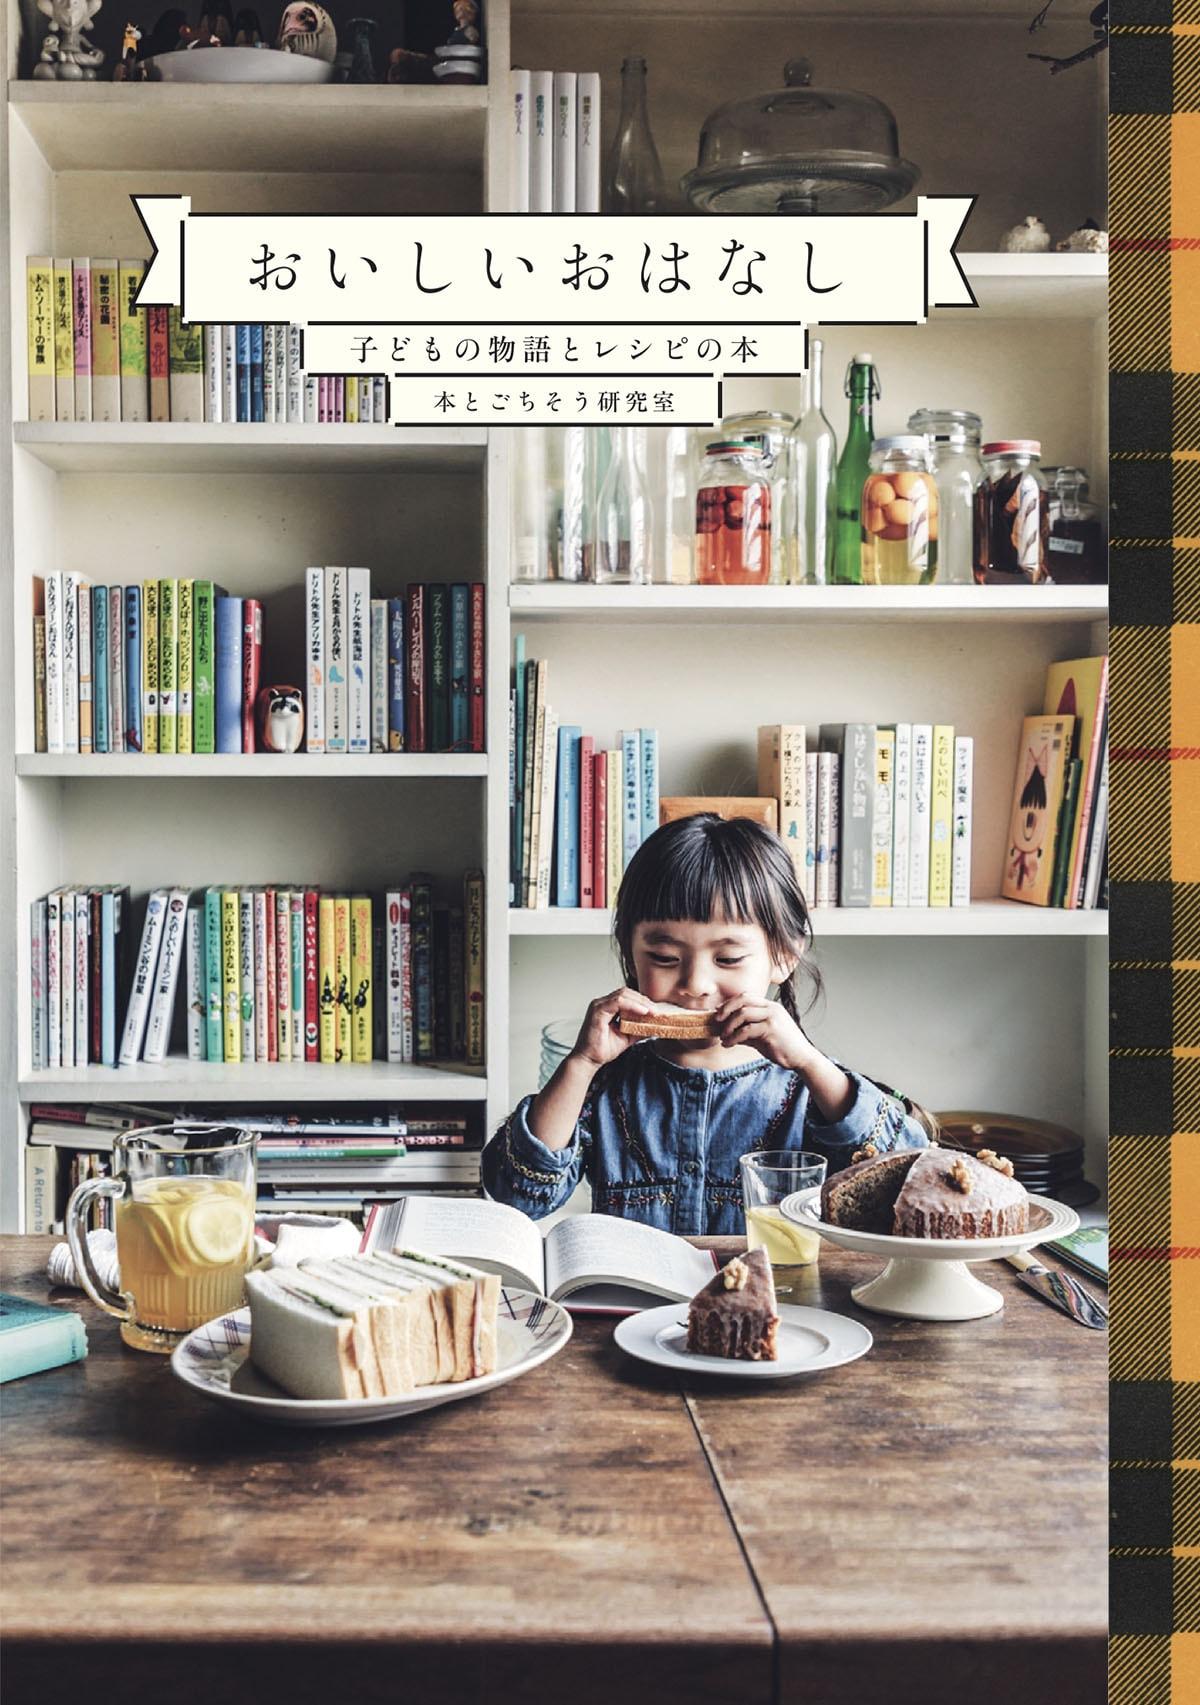 『おいしいおはなし~子どもの物語とレシピの本~』をもっと楽しむ、写真展やワークショップが夏休みに開催!